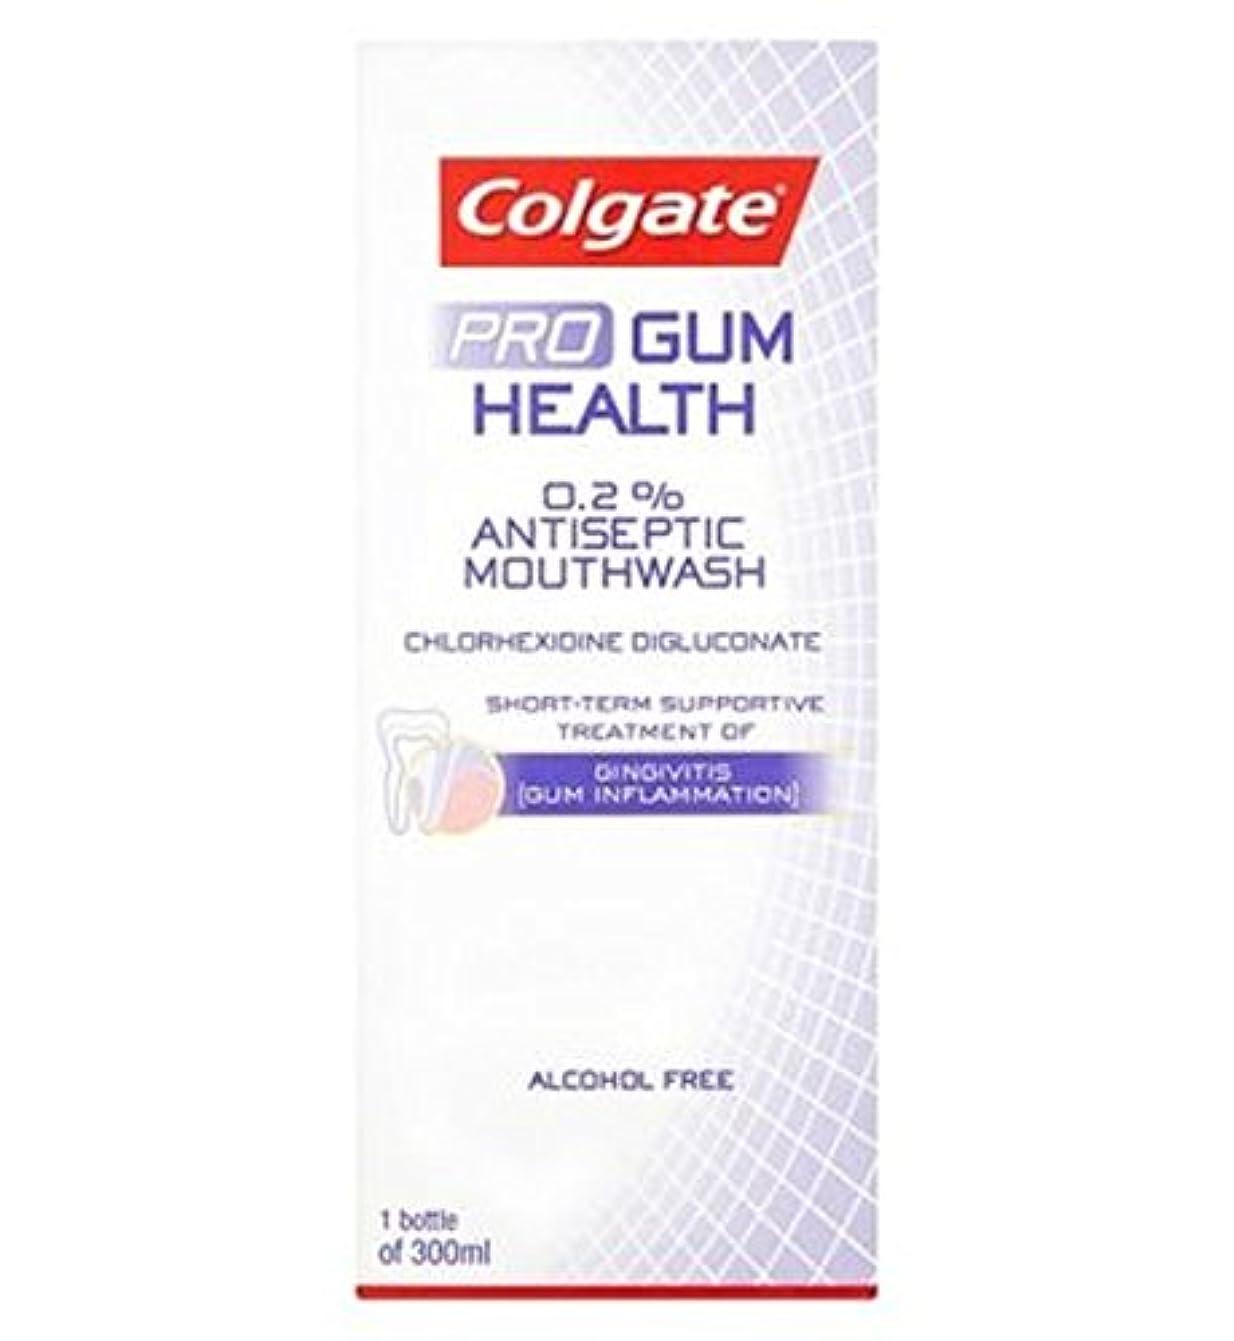 サラダサミュエル不器用コルゲートトータルプロガムリンス300ミリリットル (Colgate) (x2) - Colgate Total Pro Gum Rinse 300ml (Pack of 2) [並行輸入品]